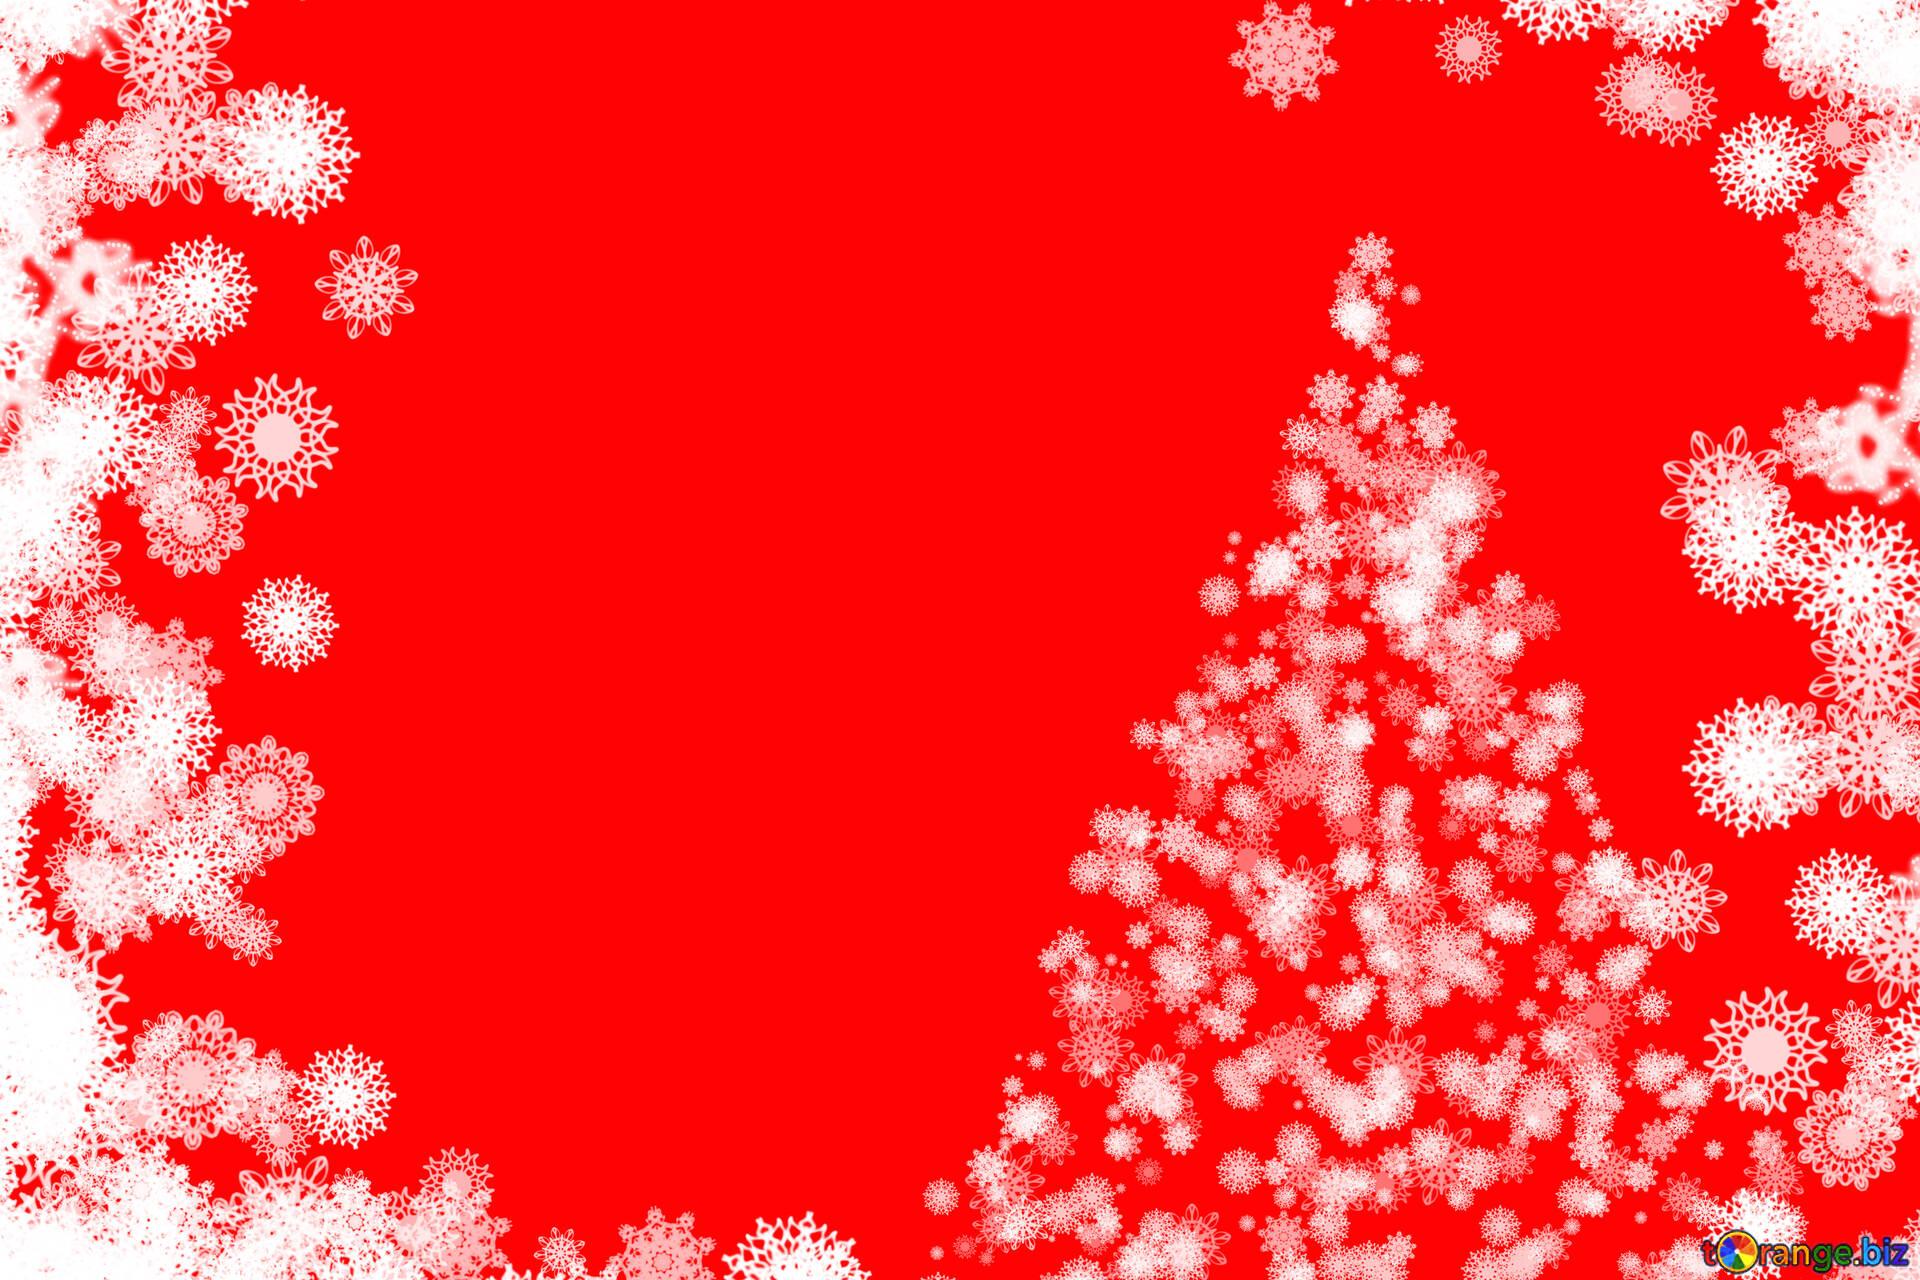 Weihnachtsbäume Bilder Hintergrund Clipart Weihnachtsbaum Mit